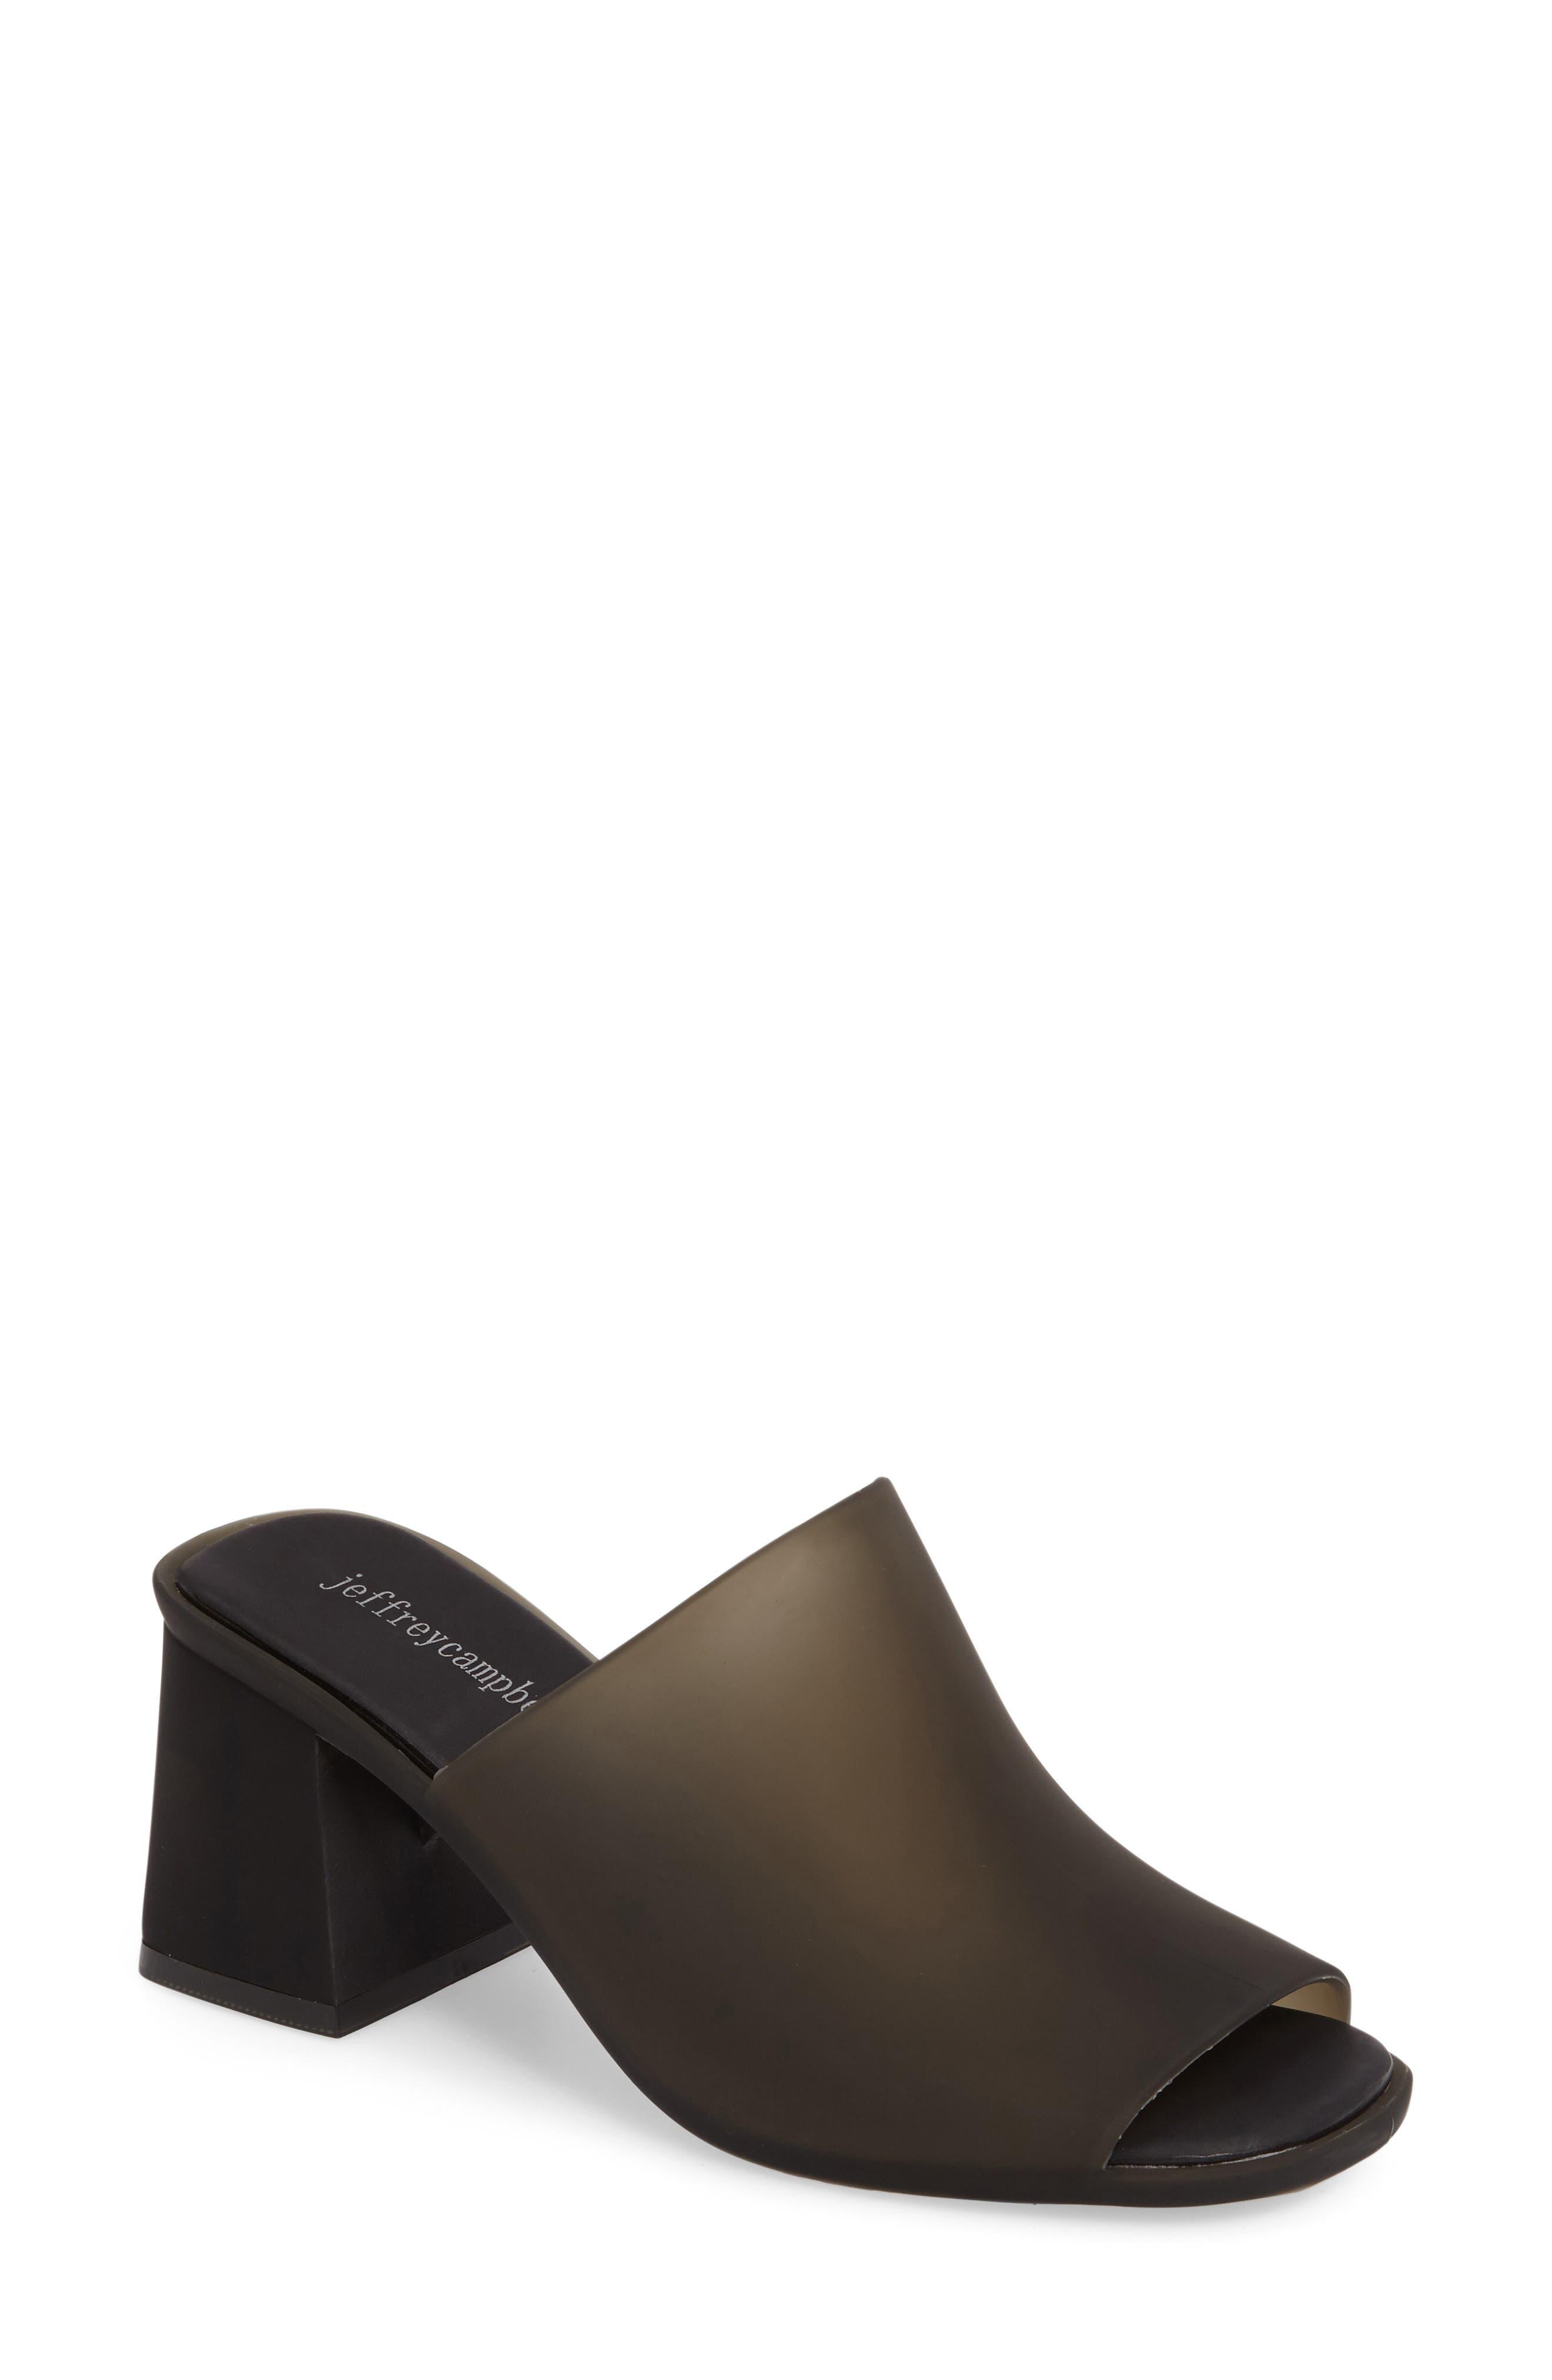 Jelly Slide Sandal,                         Main,                         color, 001